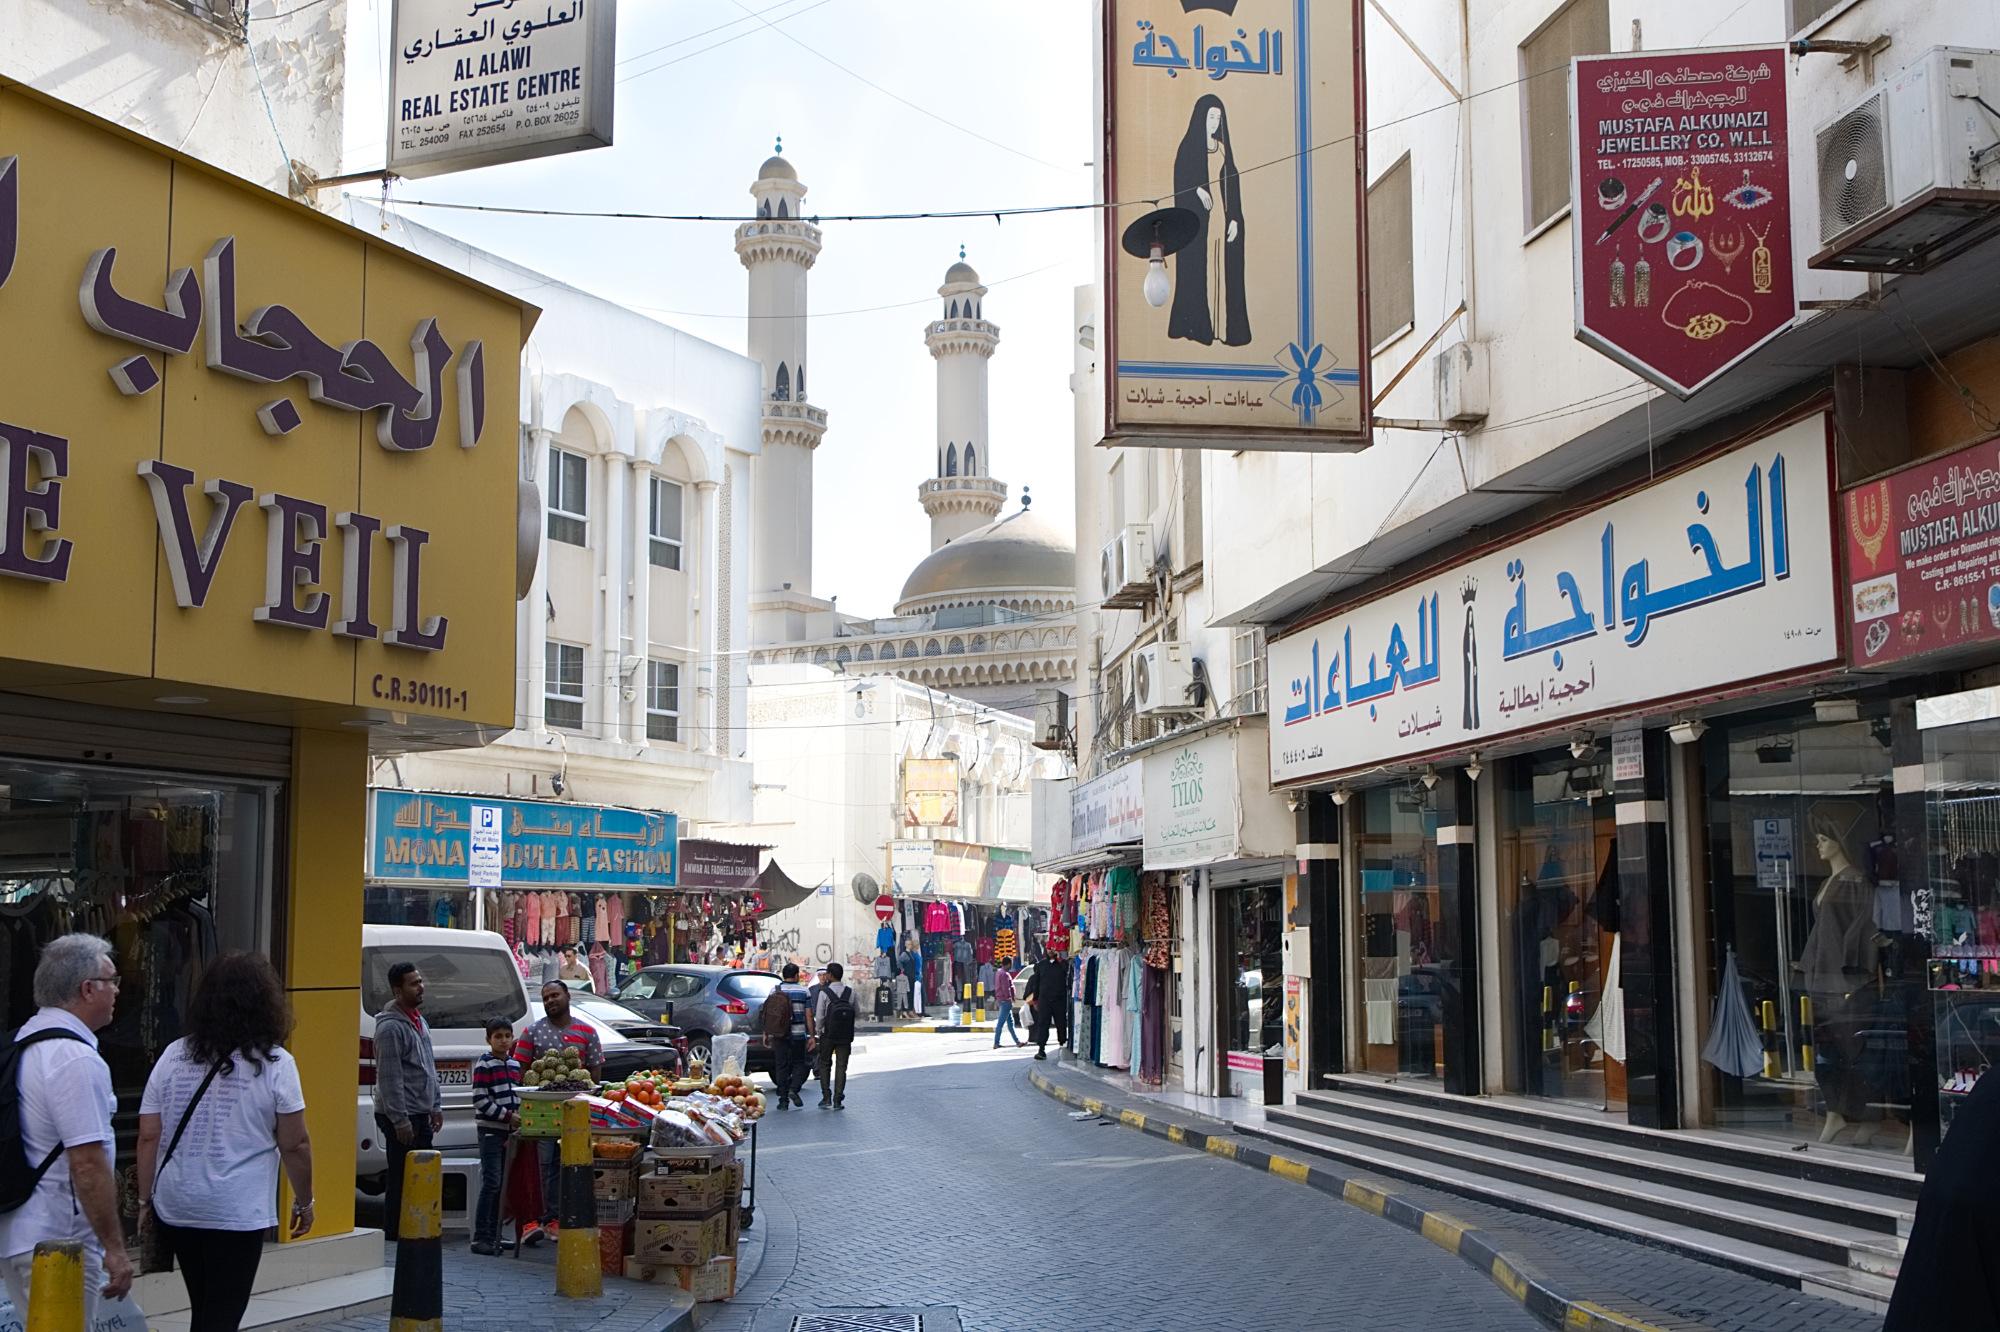 Strassen in der Nähe des Souks von Bahrain